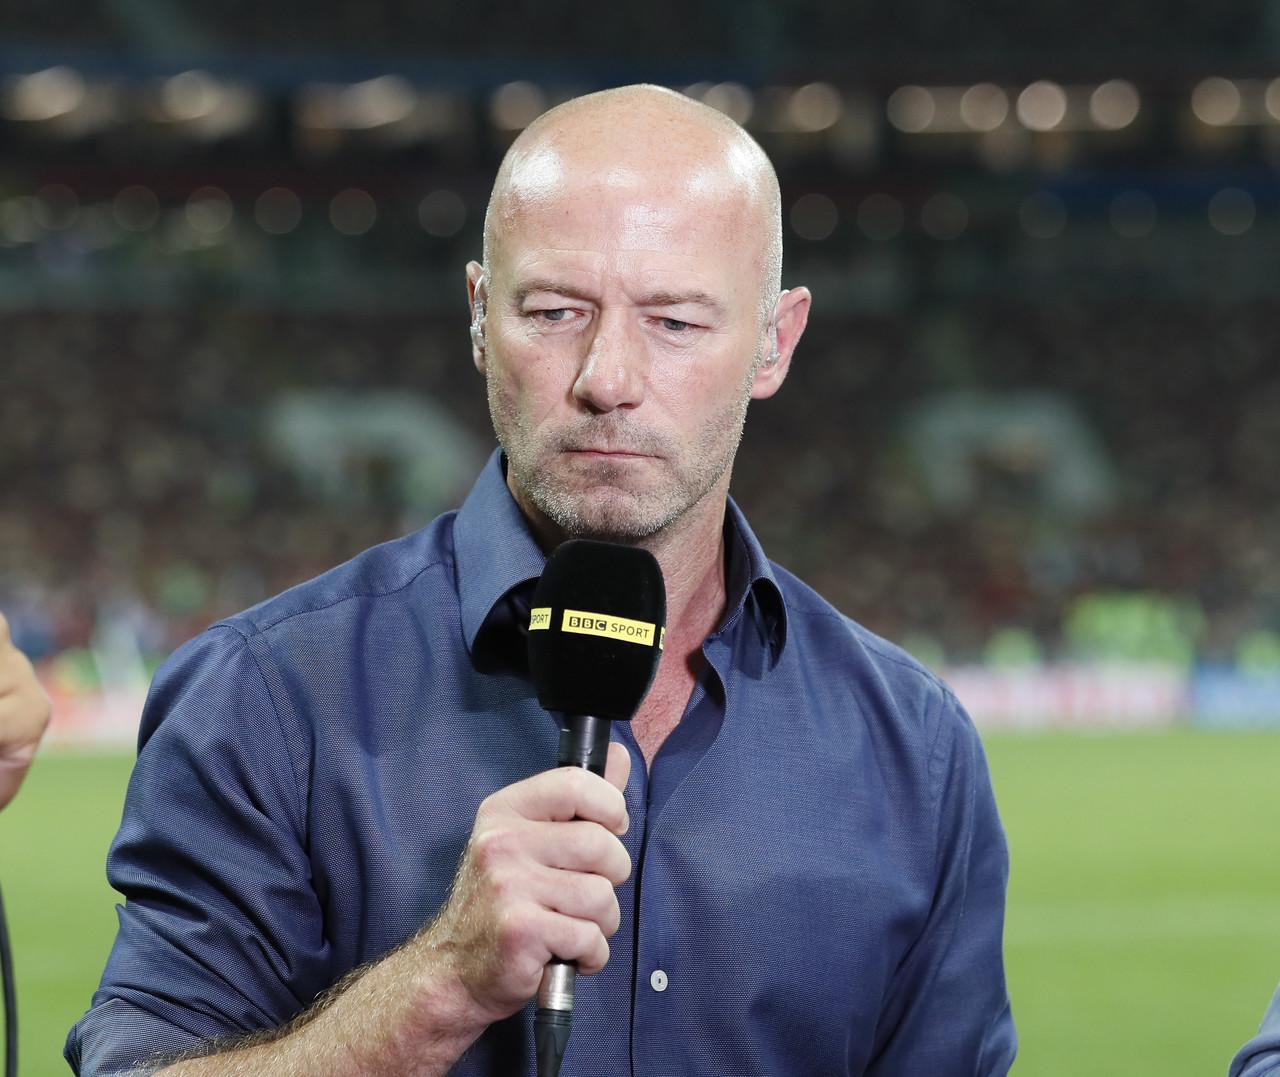 阿兰-希勒:曼联在卖掉卢卡库后没有补强锋线,这像是在赌博